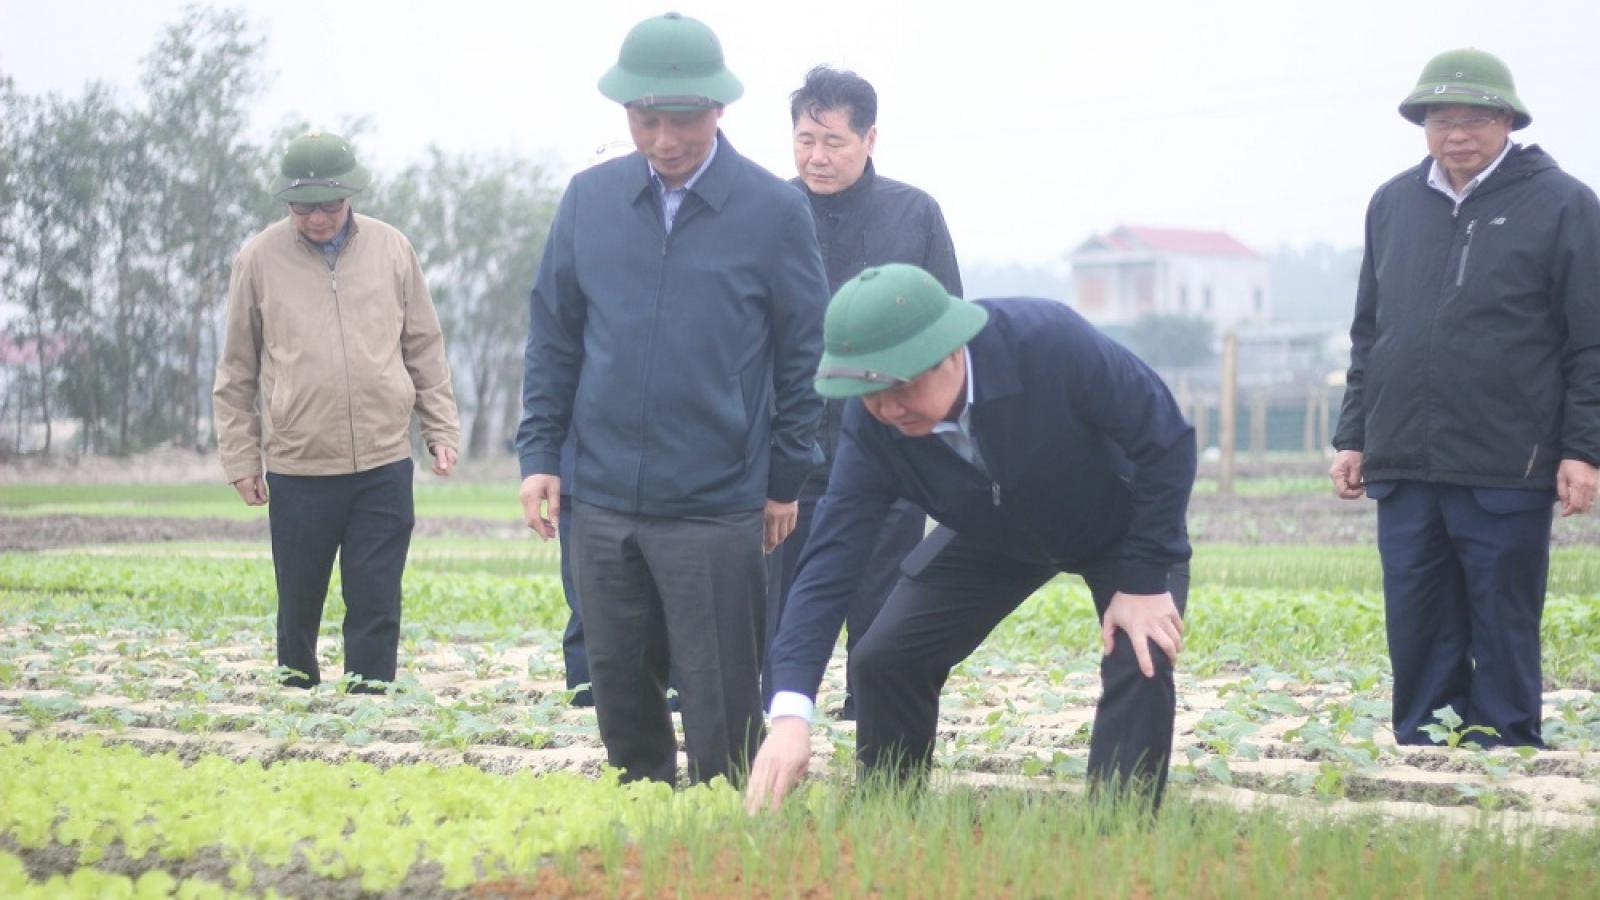 Sản xuất nông nghiệp ở Quảng Bình đang dần phục hồi sau lũ lịch sử